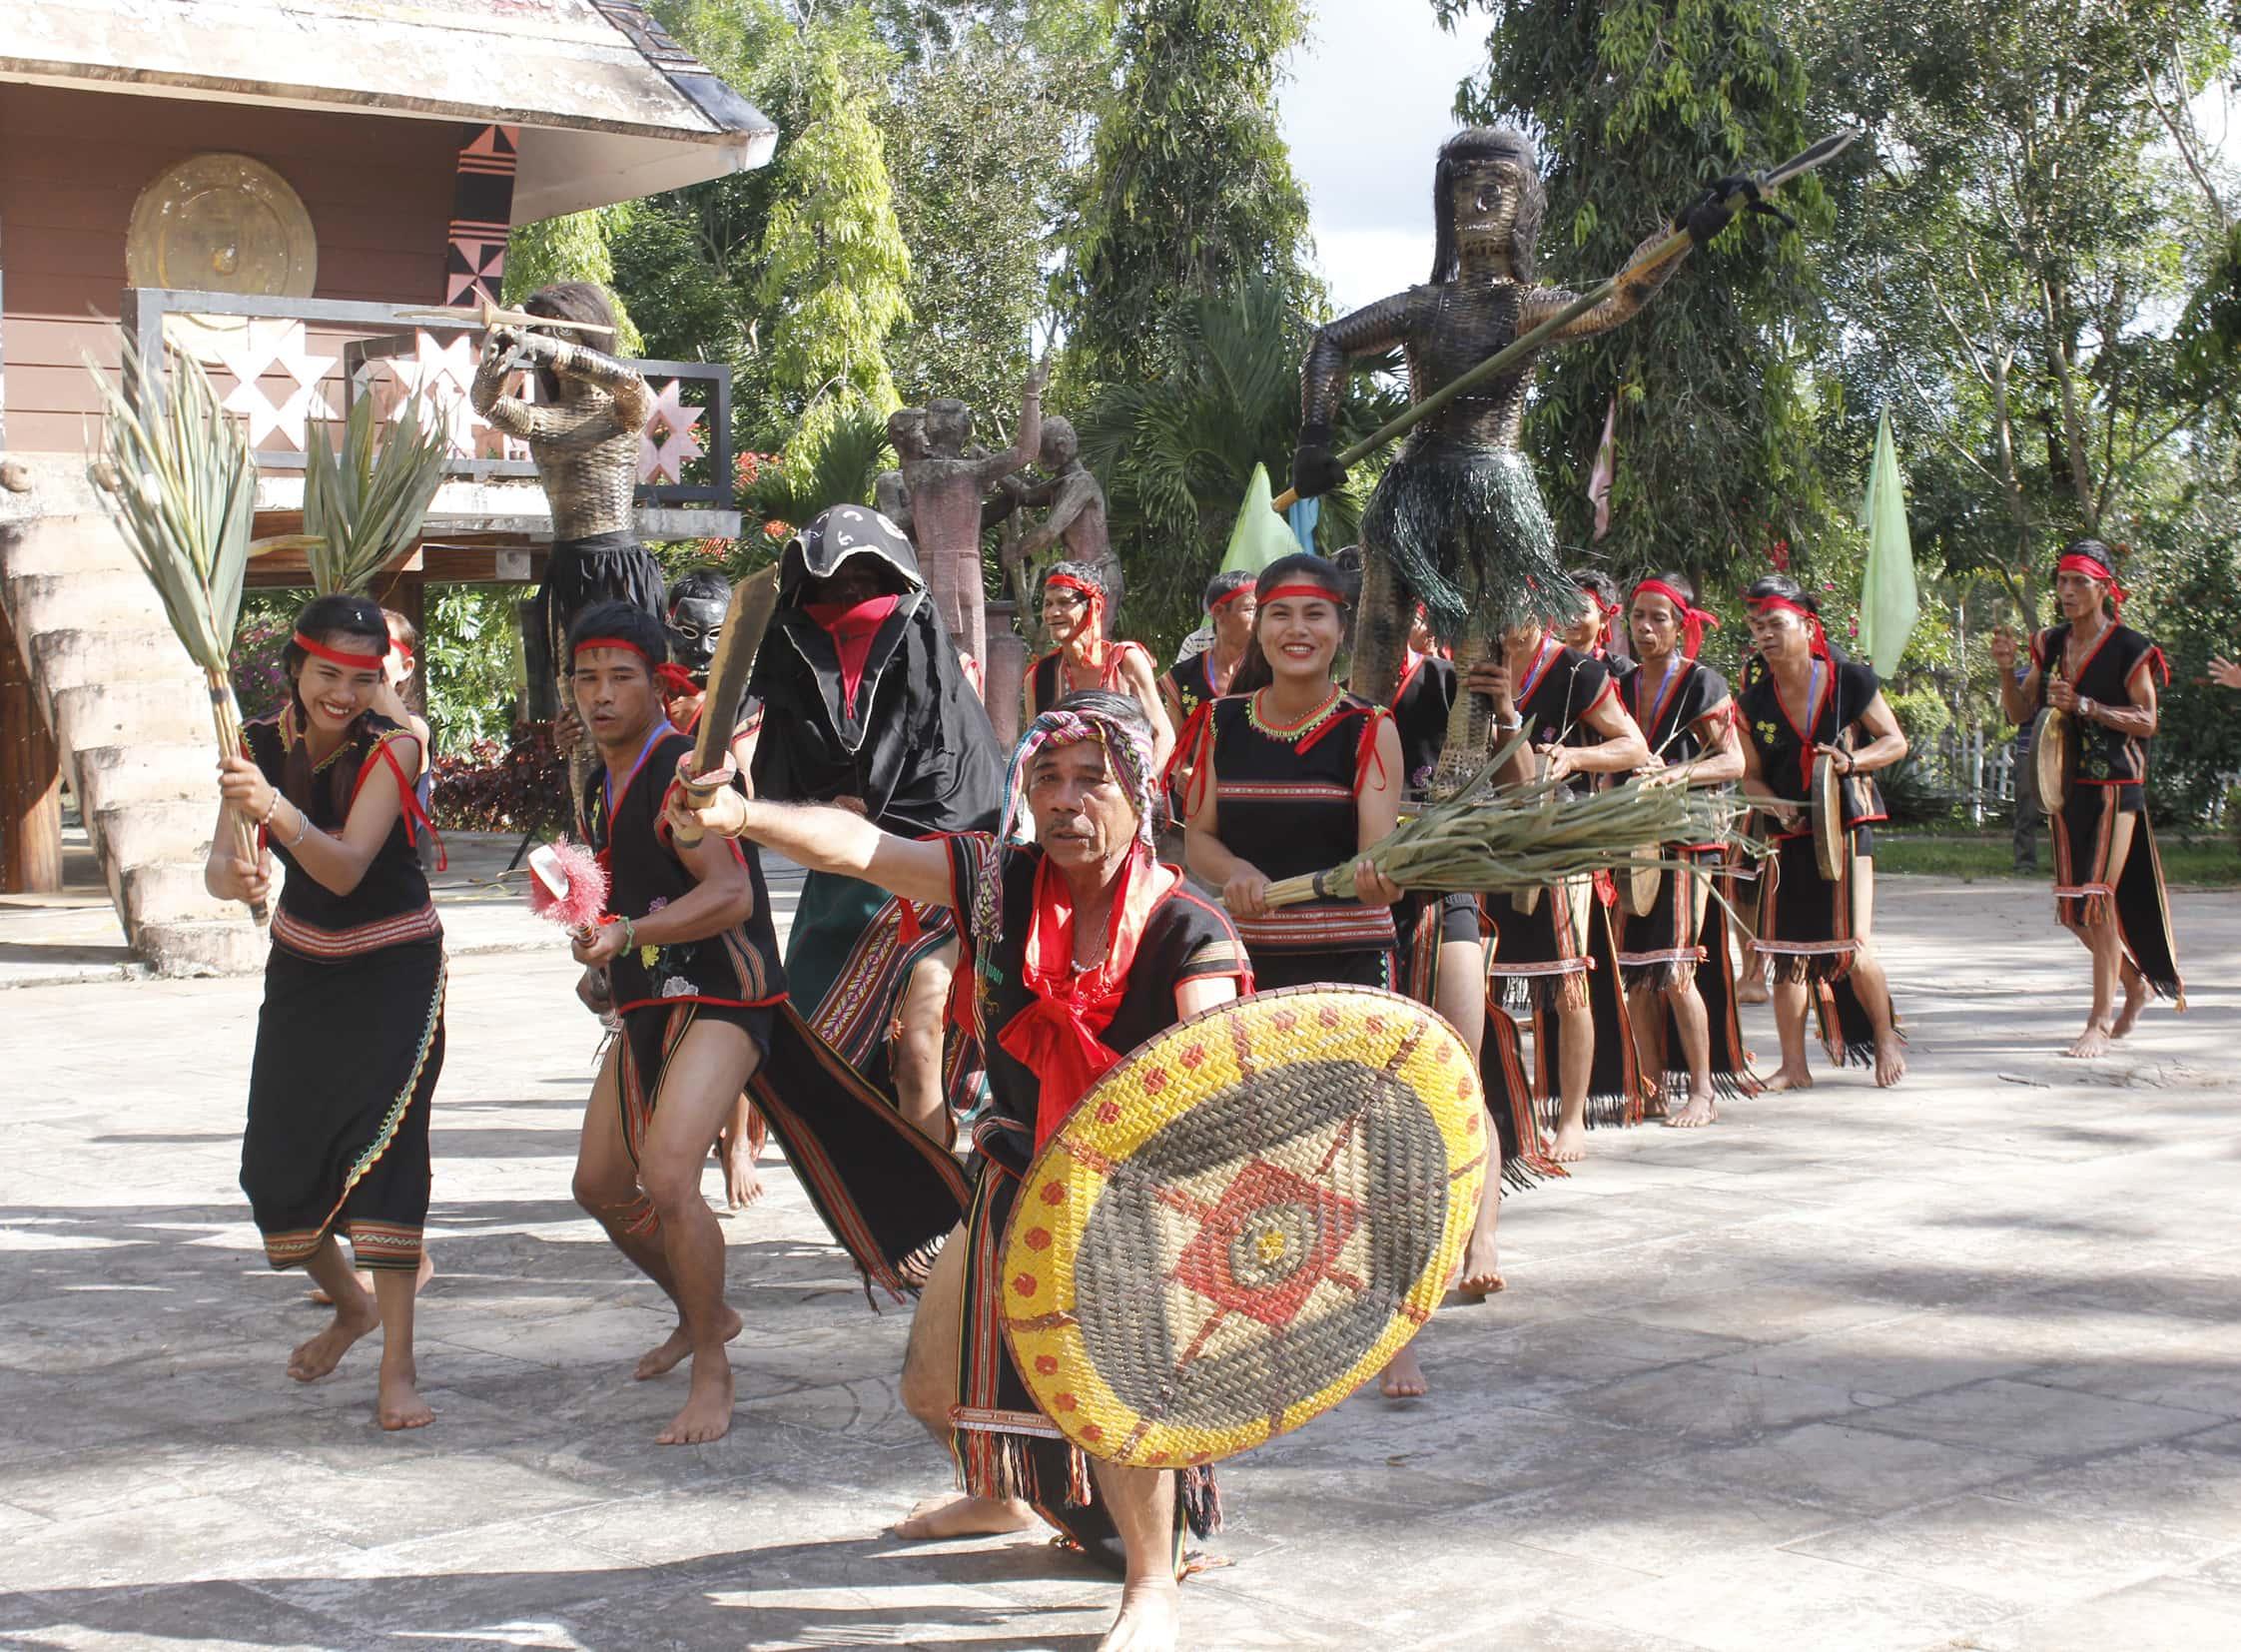 Hòa nhịp cồng chiêng cùng lễ hội cầu an của dân tộc Ba Na